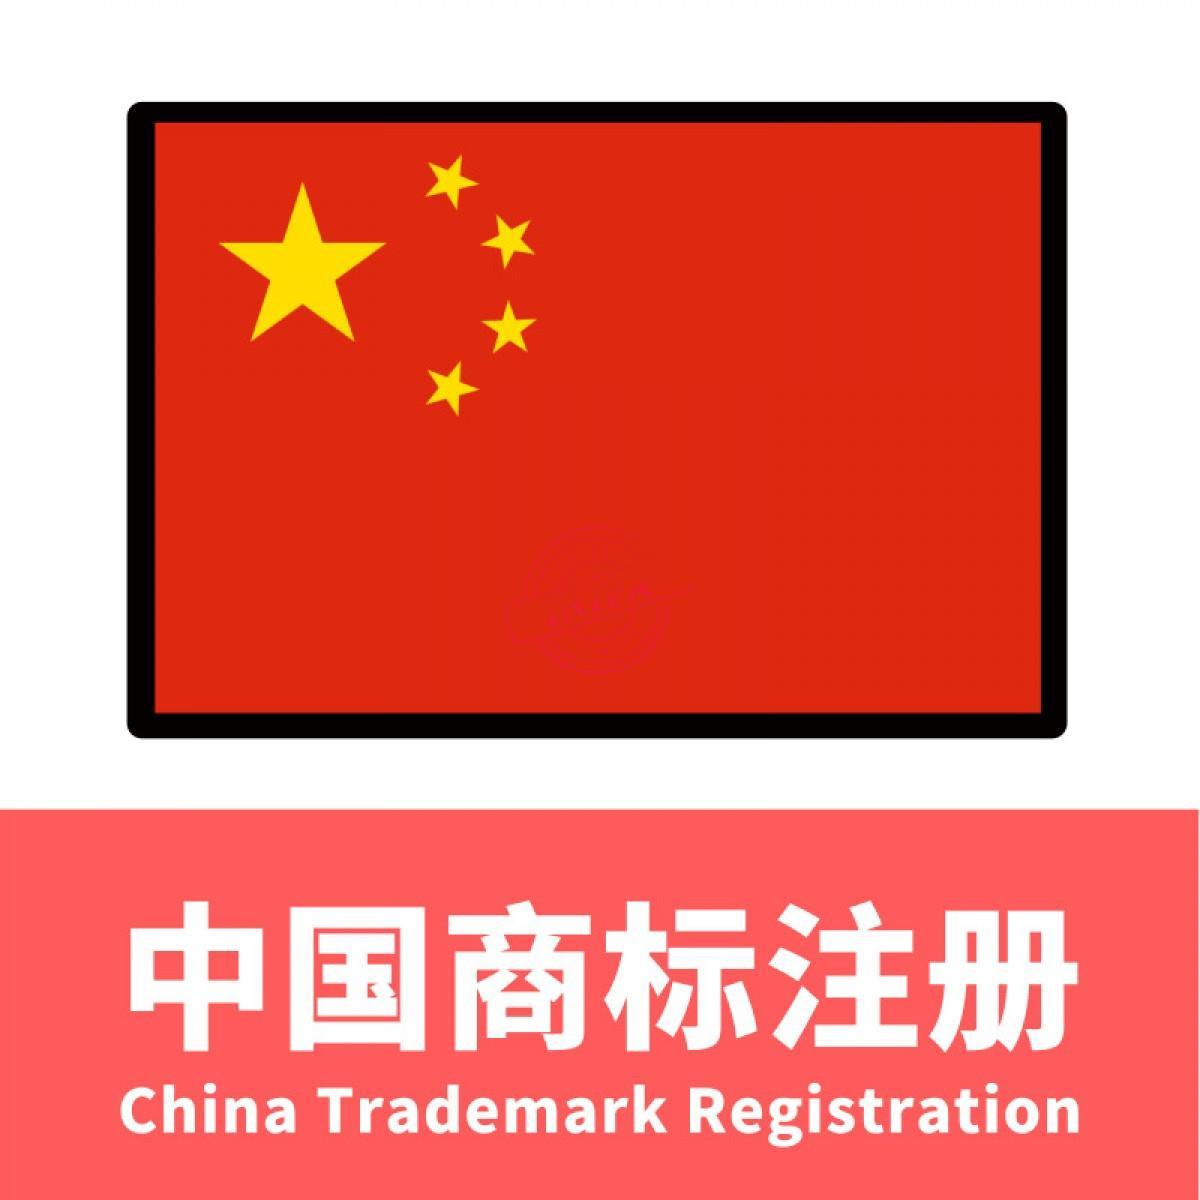 中国商标注册/China Trademark Registration